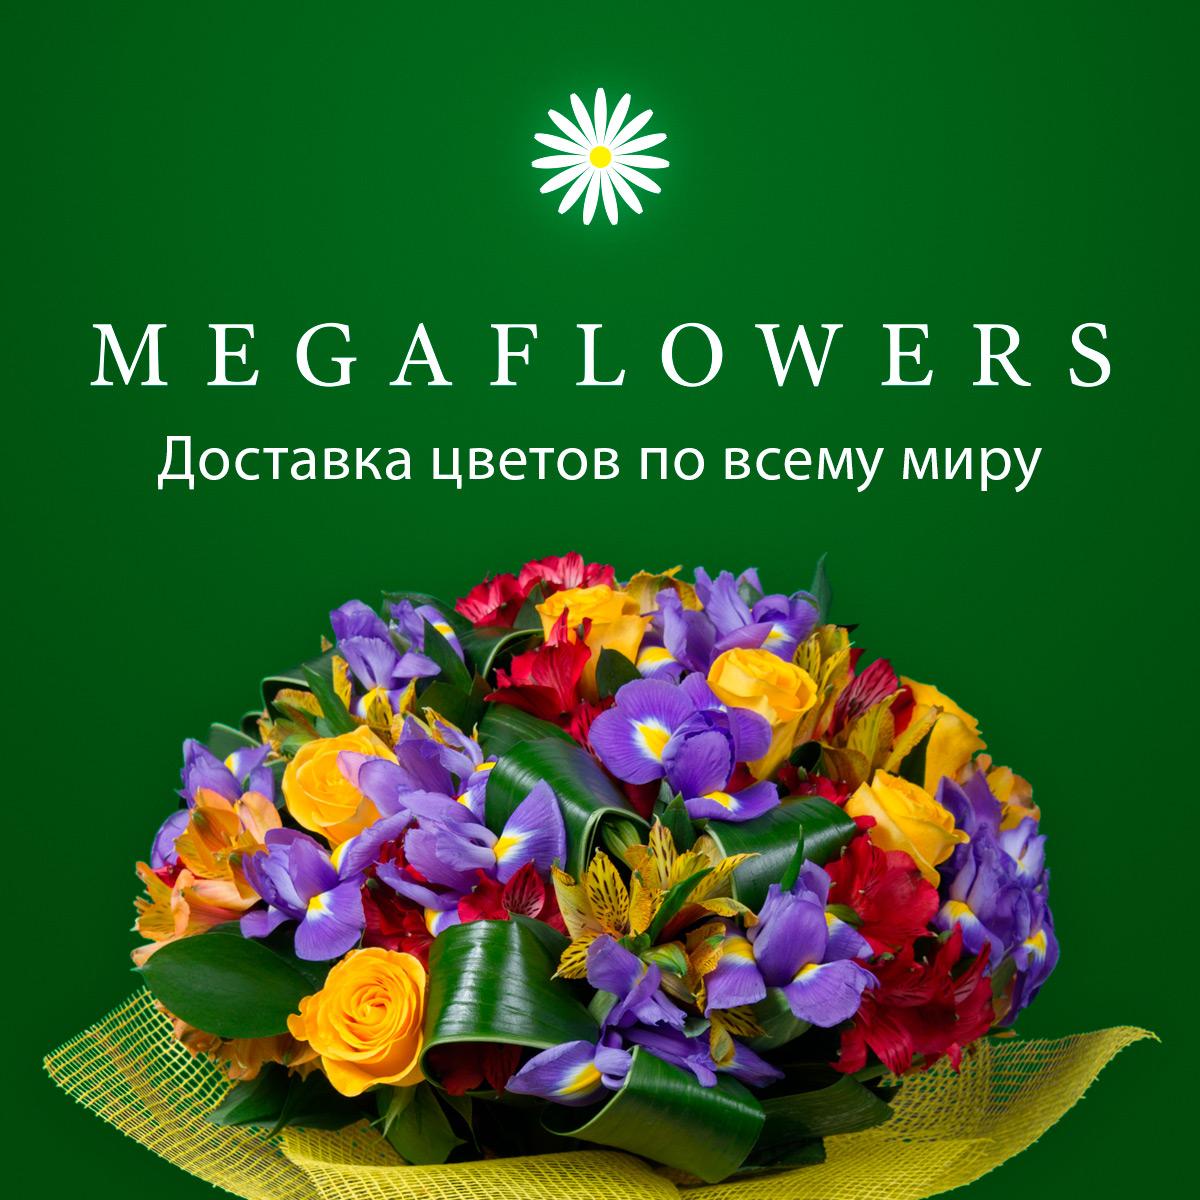 Доставка цветов по россии недорого лилии, заказ цветов у селекционеров почтой россии